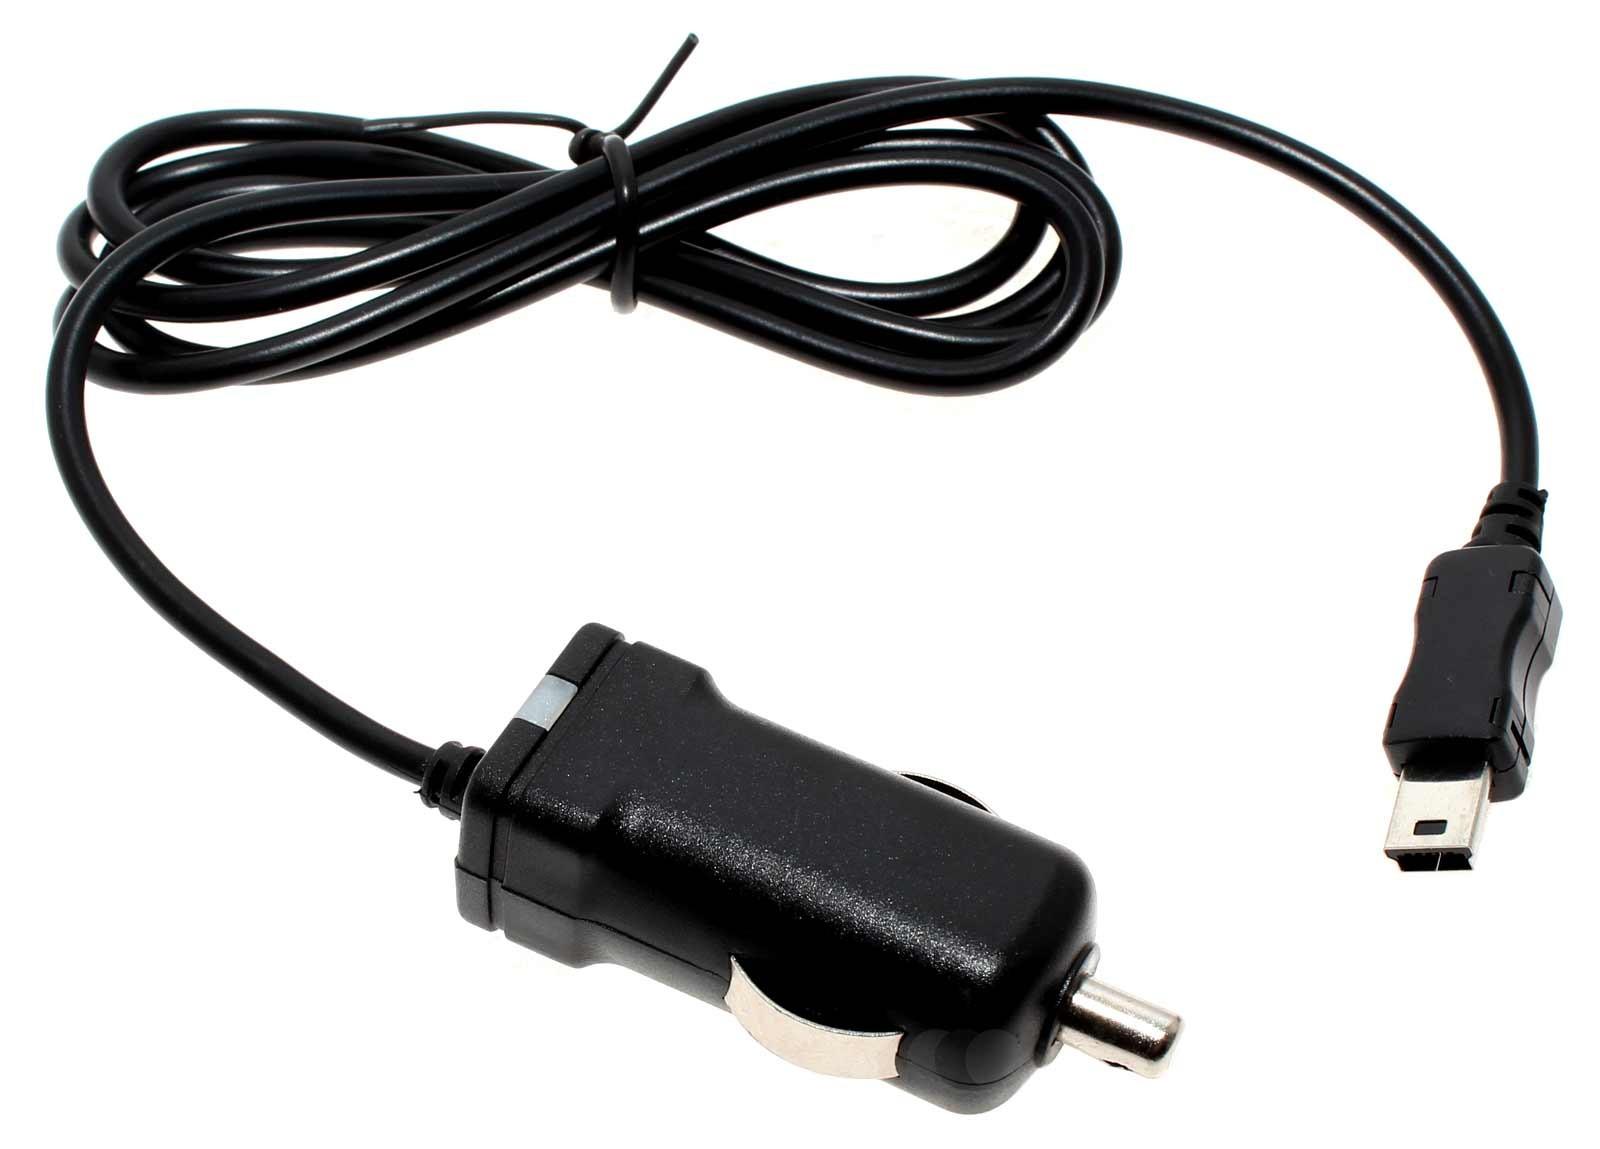 Alternatives 12 Volt/  24 Volt KFZ Ladekabel für Geräte mit Mini USB Anschluß mit integrierter TMC Antenne und Betriebs-LED Anzeige für Navigon Live